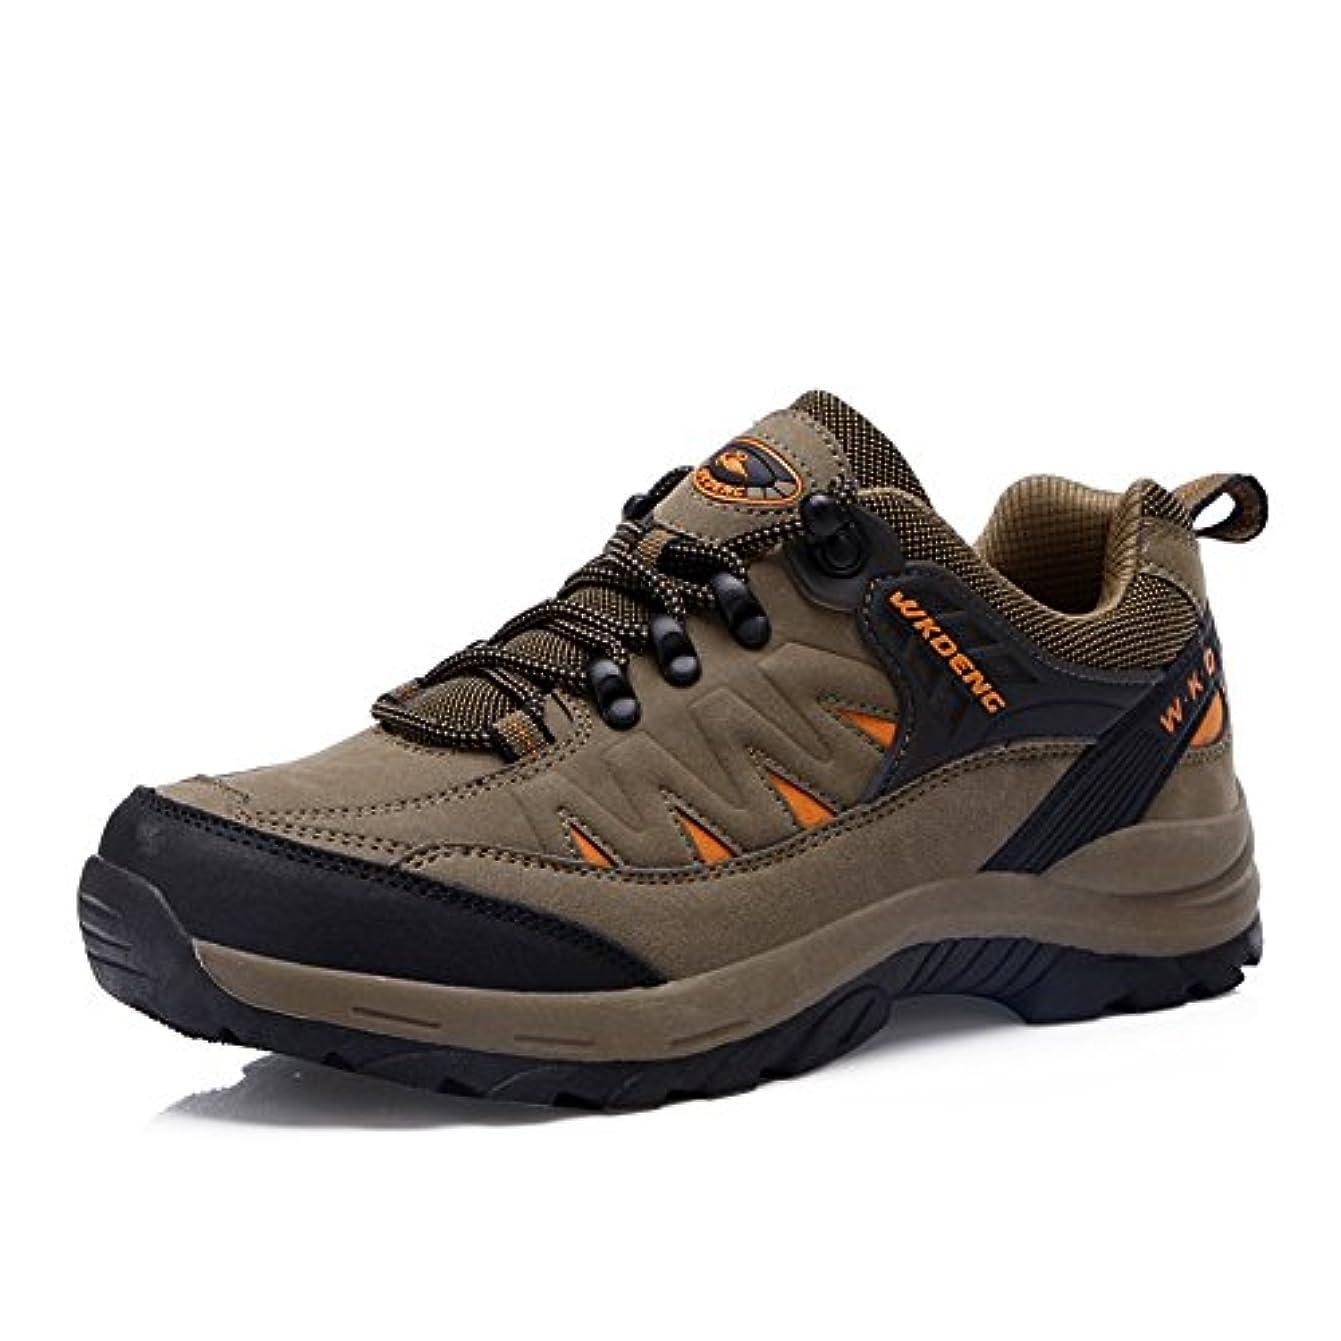 爆発物不道徳事[スター イー ビズネス] 登山靴 メンズ ハイキングシューズ トレッキングシューズ ローカット クライミングシューズ 防滑 軽量 通気性 衝撃吸収 滑り止め アウトドア